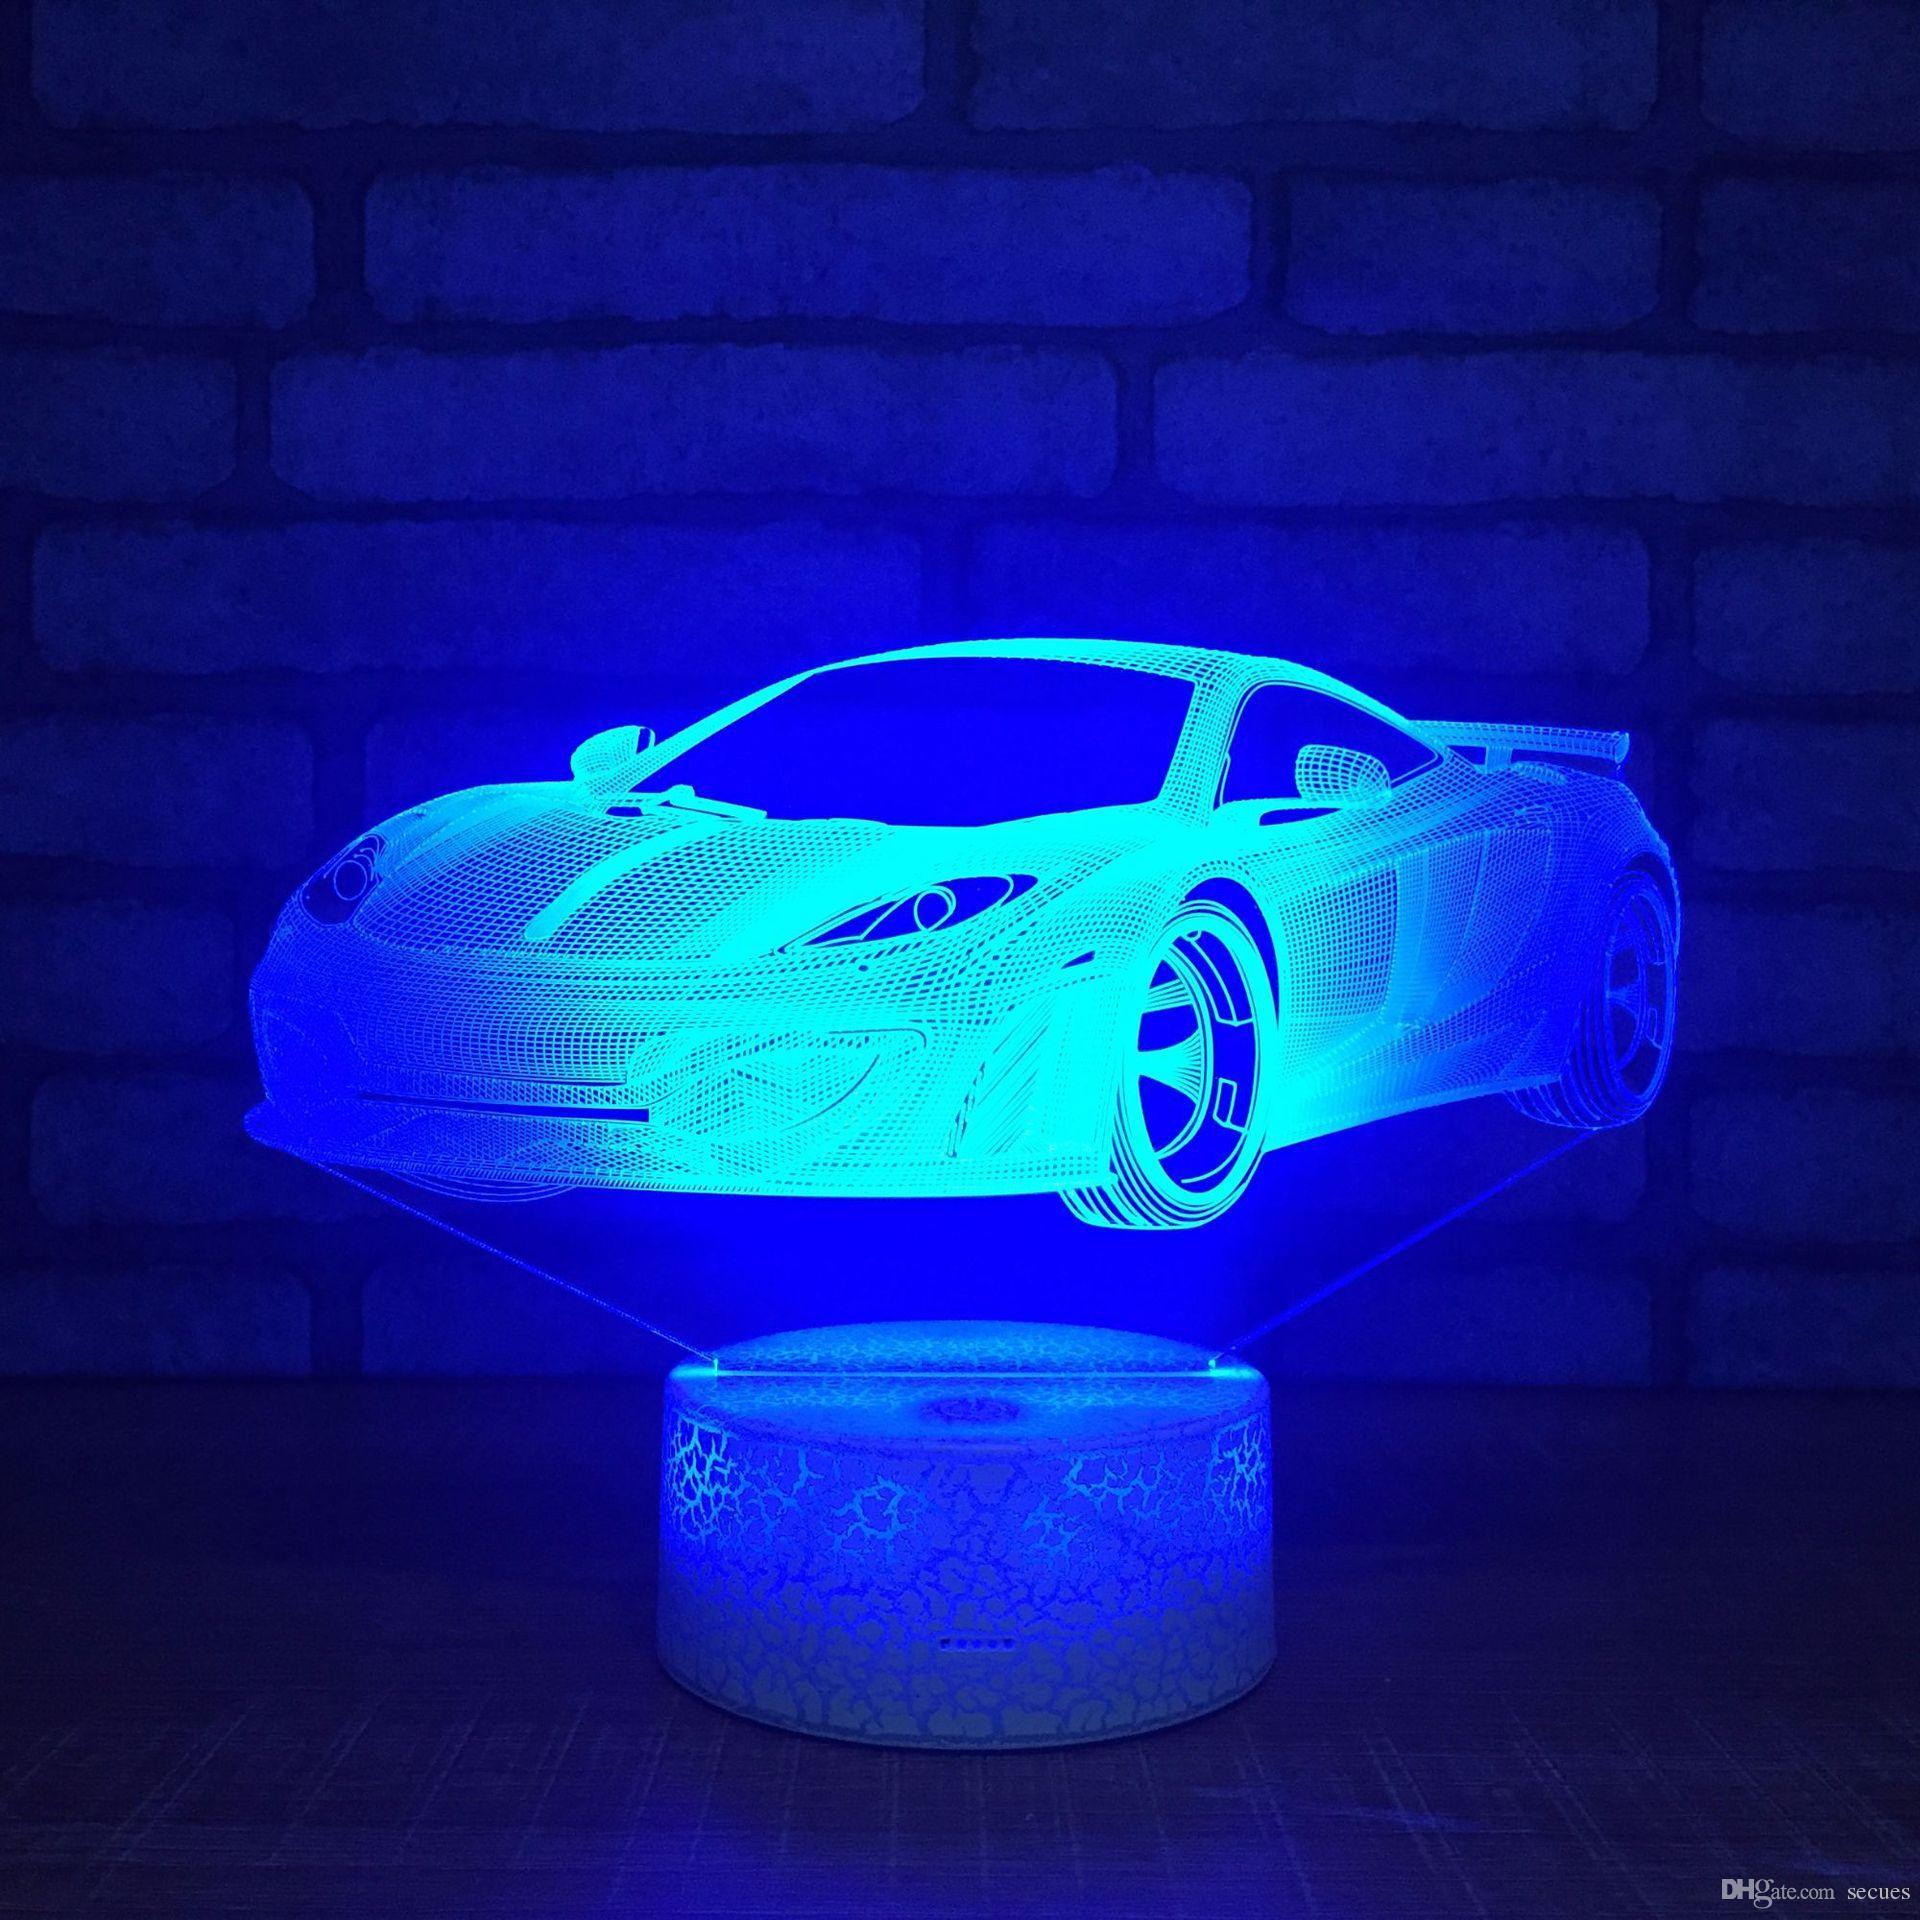 Coupe Gros Livraison Led Alimenté 5v Par 5ème Light Base Gratuite Lampe Optial Fissure Rgb Dc 7 De Batterie Usb La 3d Voiture OTPkiuZX